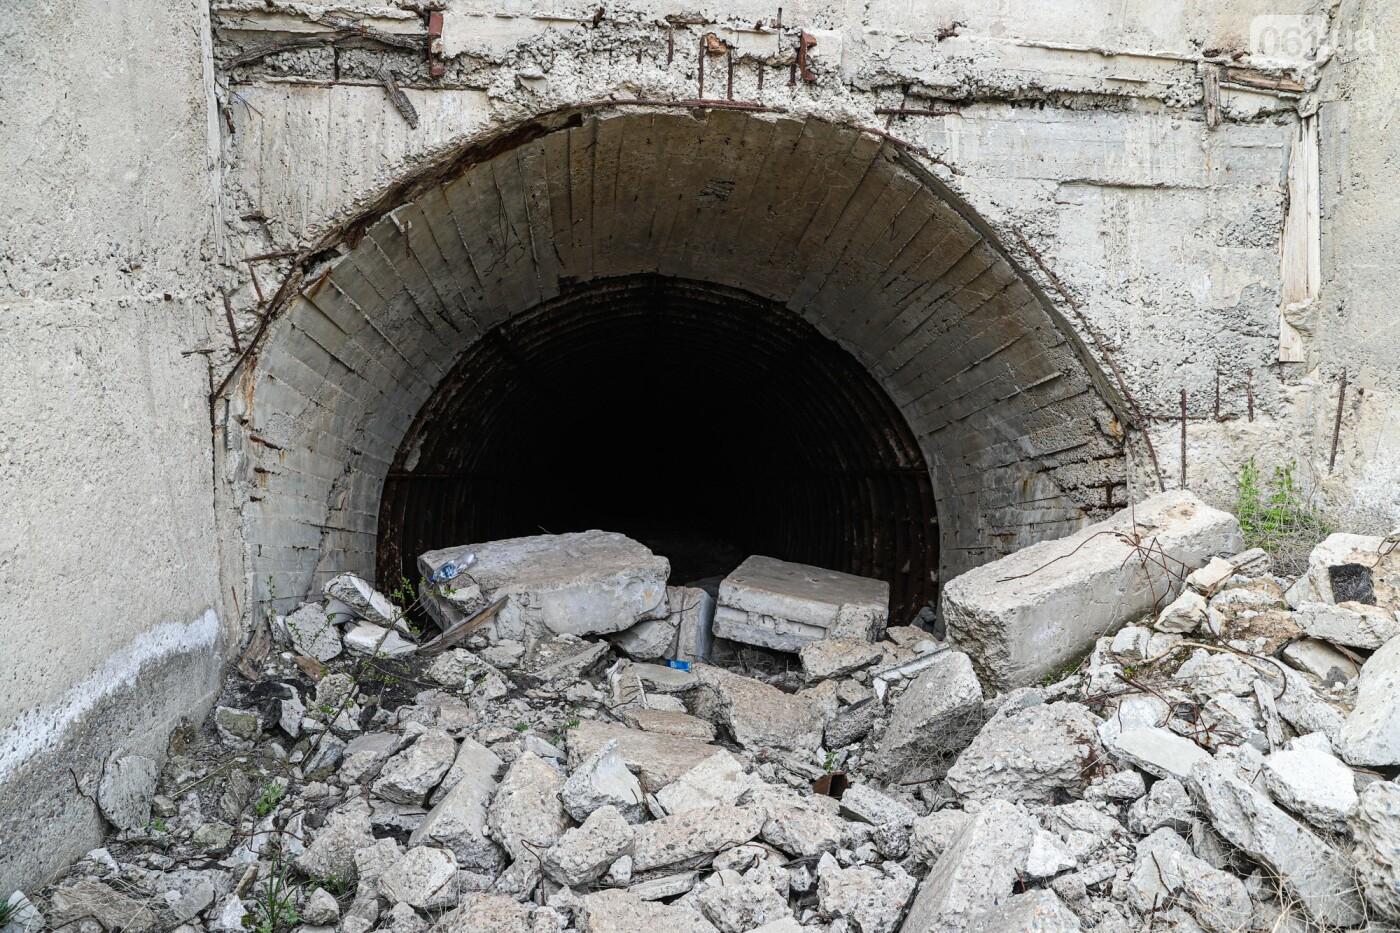 В Степногорске пытаются разобрать на металлолом шахту - промплощадка ГОКа превратилась в руины, - ФОТОРЕПОРТАЖ , фото-2